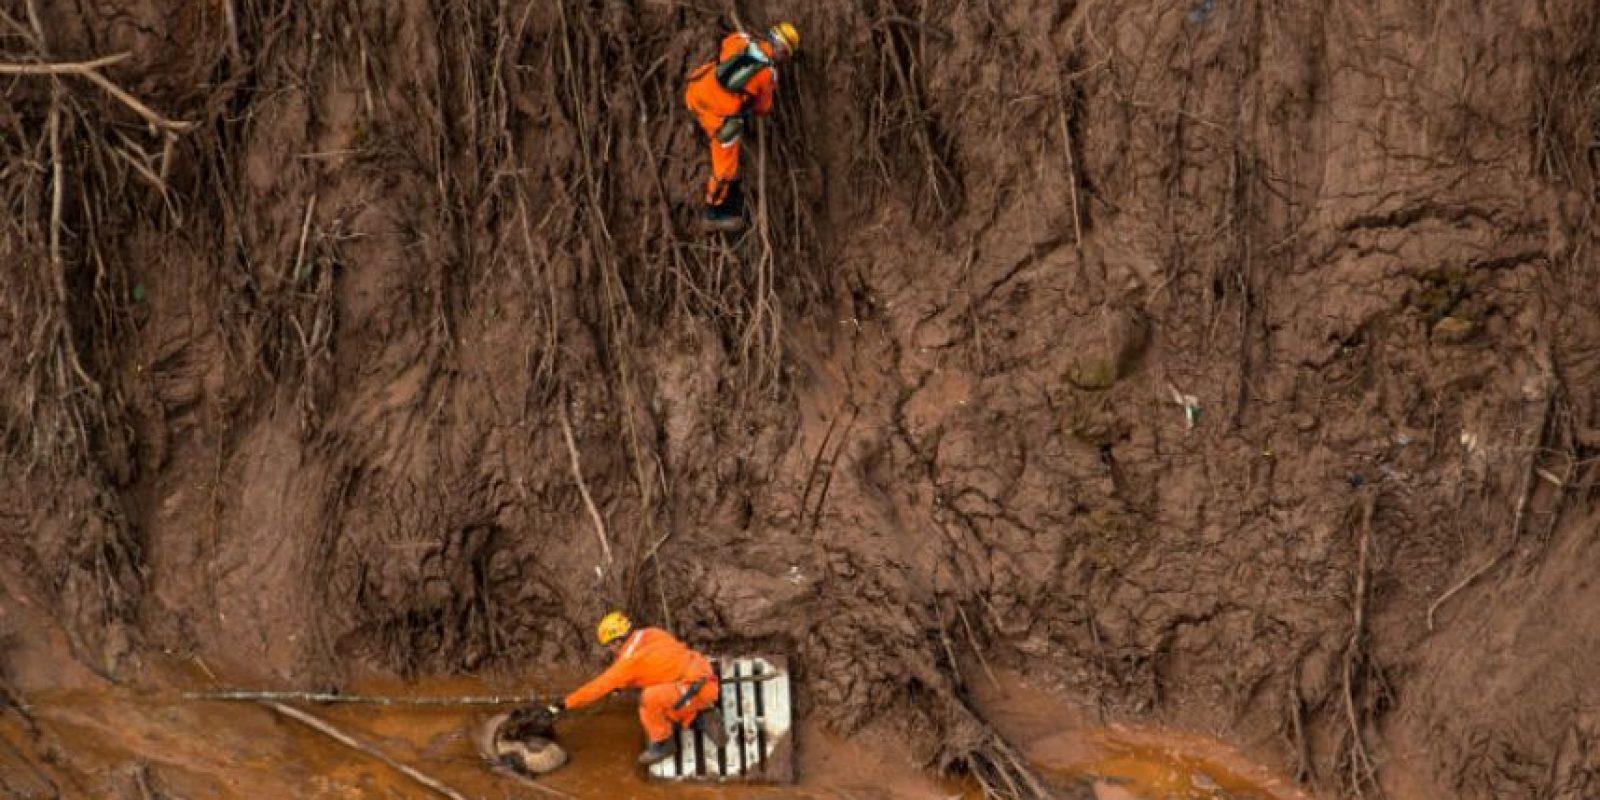 Equipos de emergencias trabajan en zona. Foto:AFP